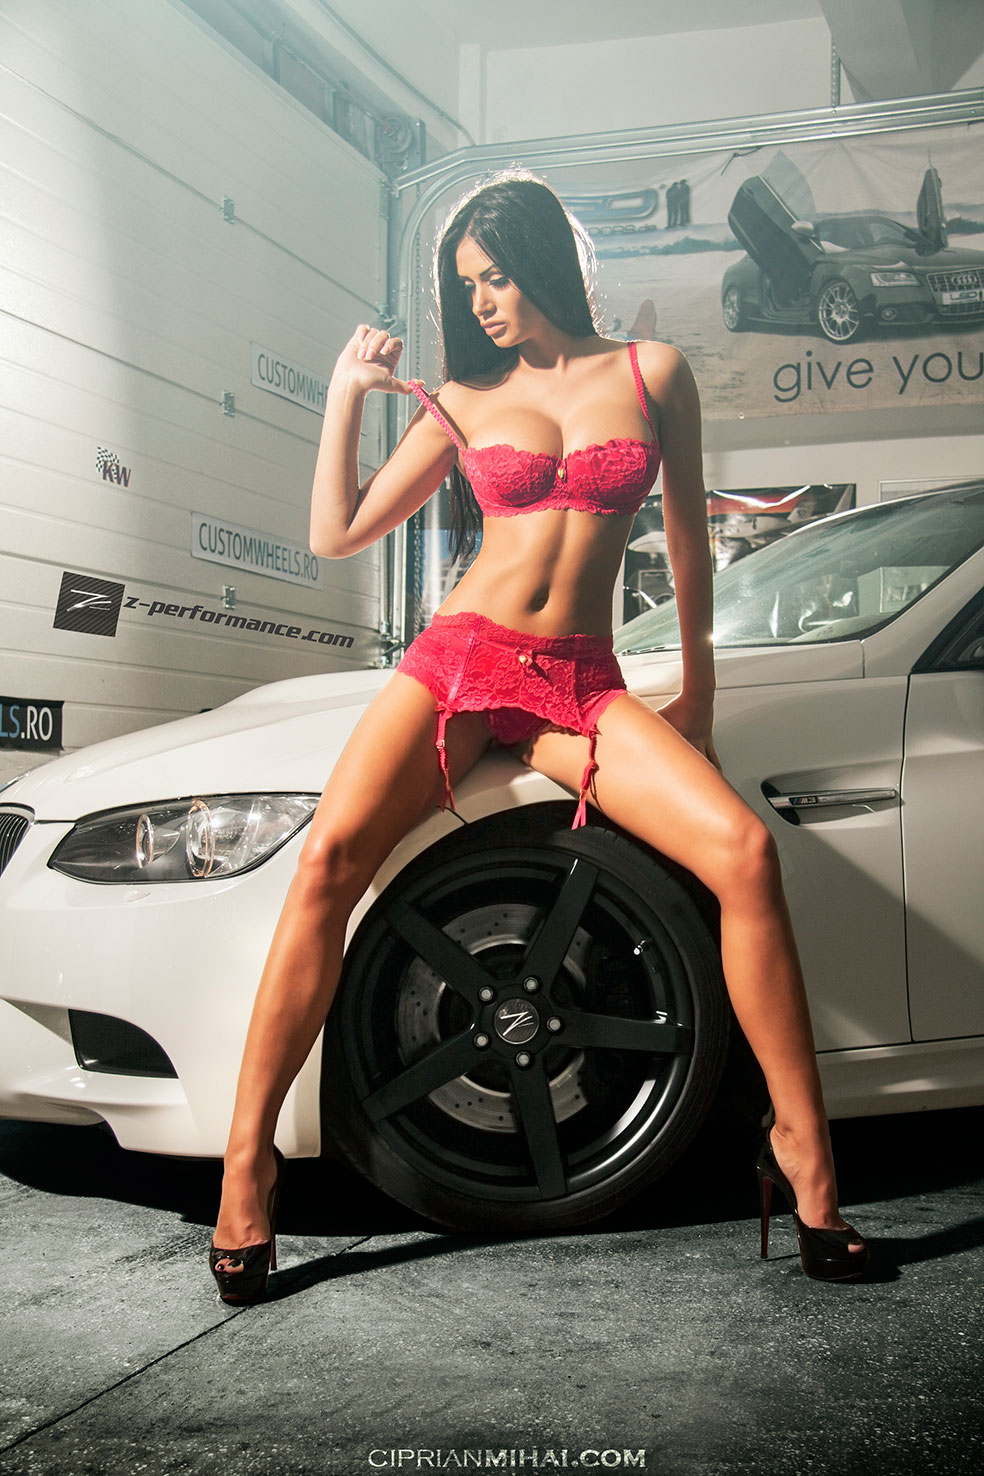 Girl paints volkswagen nude hood